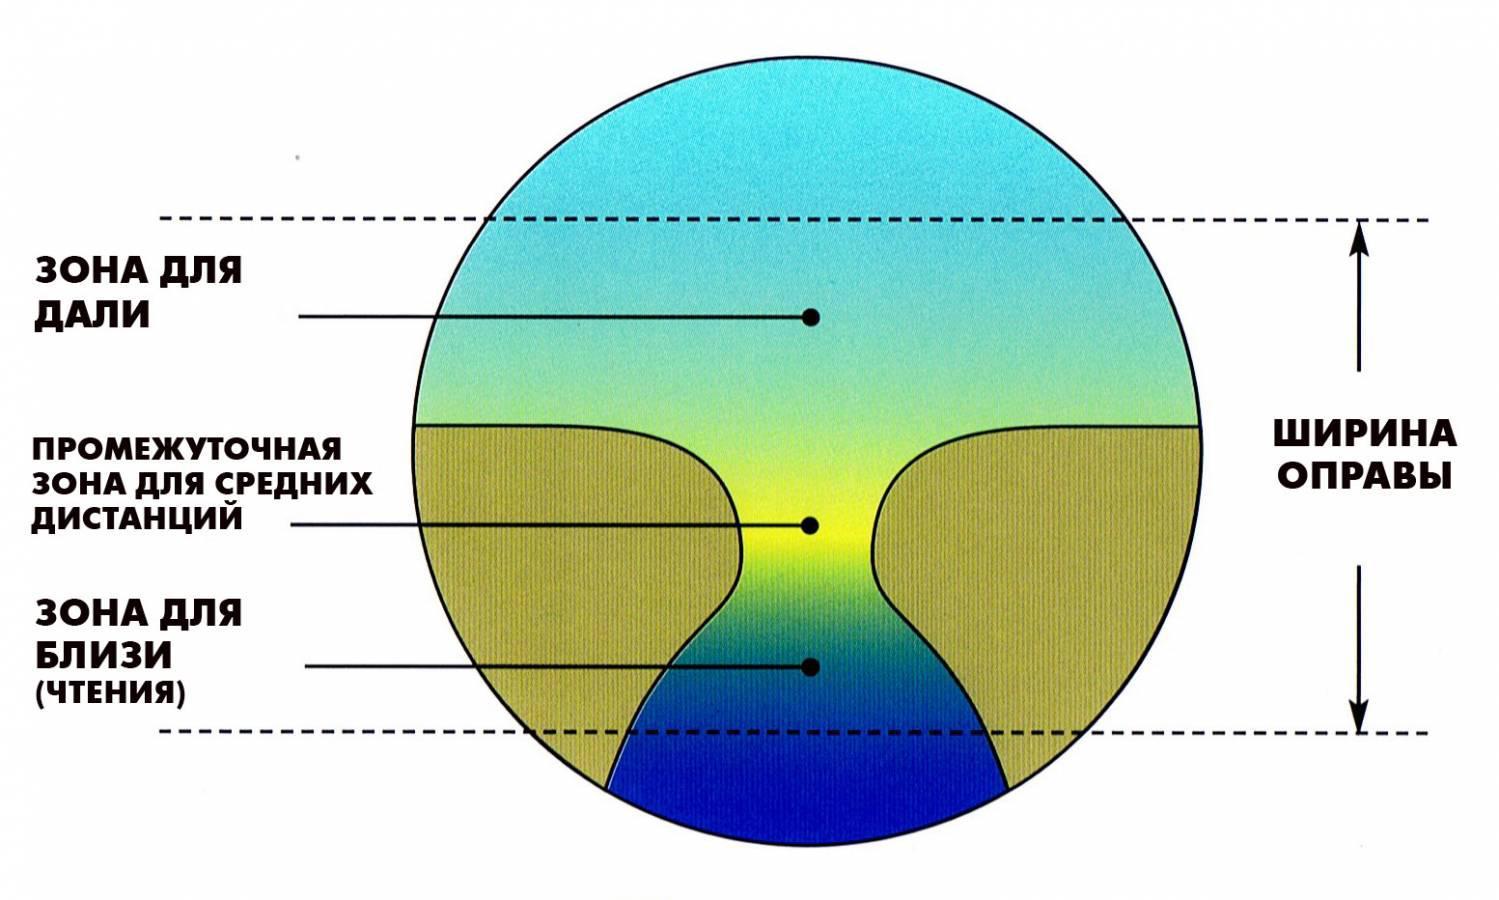 hipermetropie bifocală)